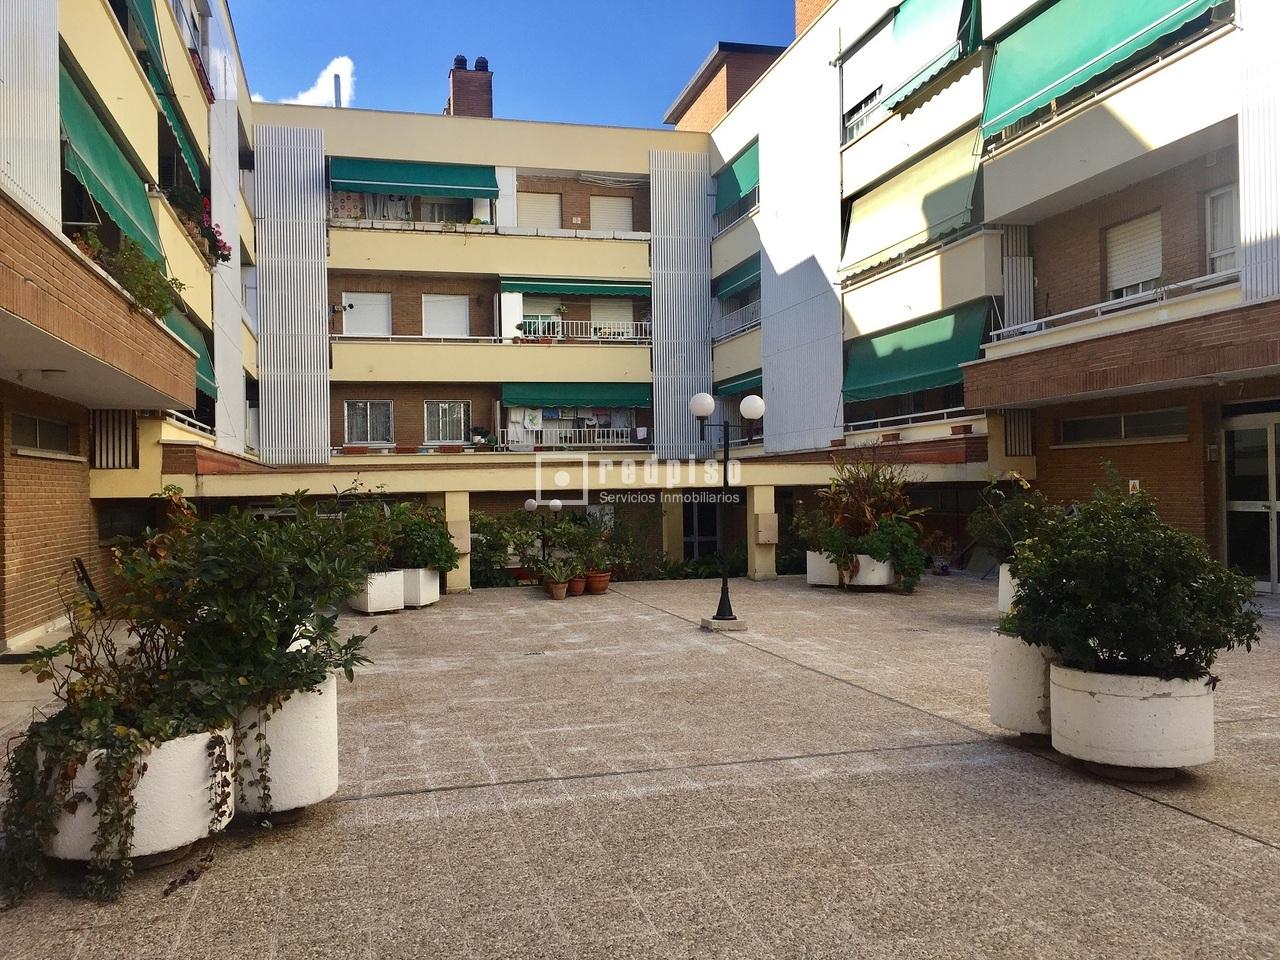 Piso en venta en ciudad lineal madrid madrid rp76201837613 - Pisos en venta en ciudad lineal ...